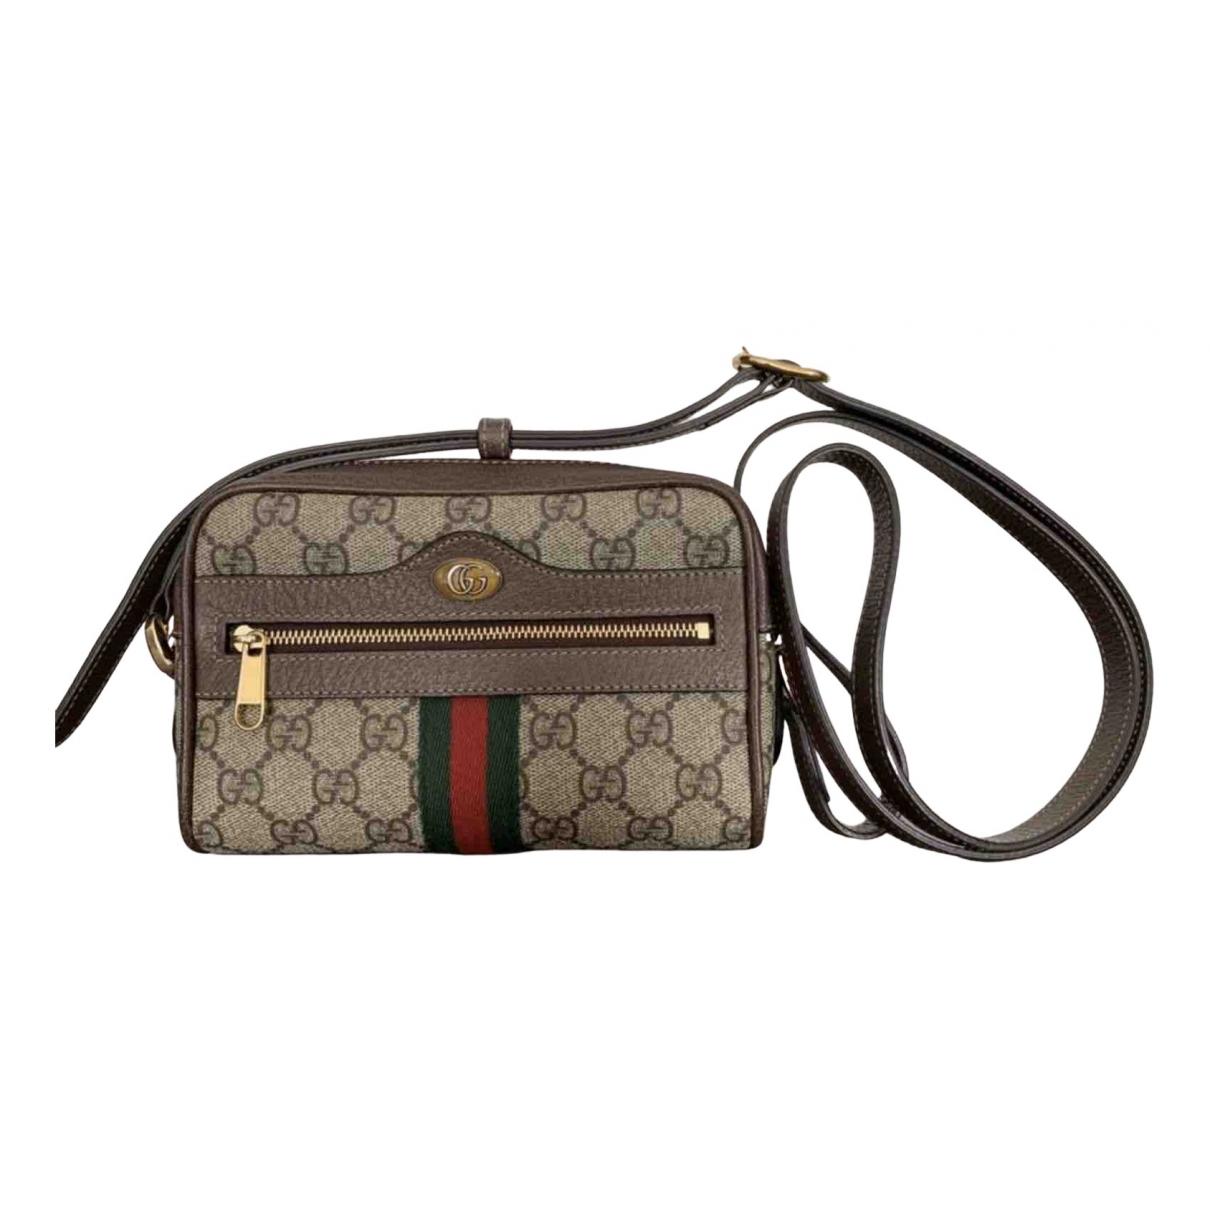 Gucci Ophidia Handtasche in  Braun Leinen